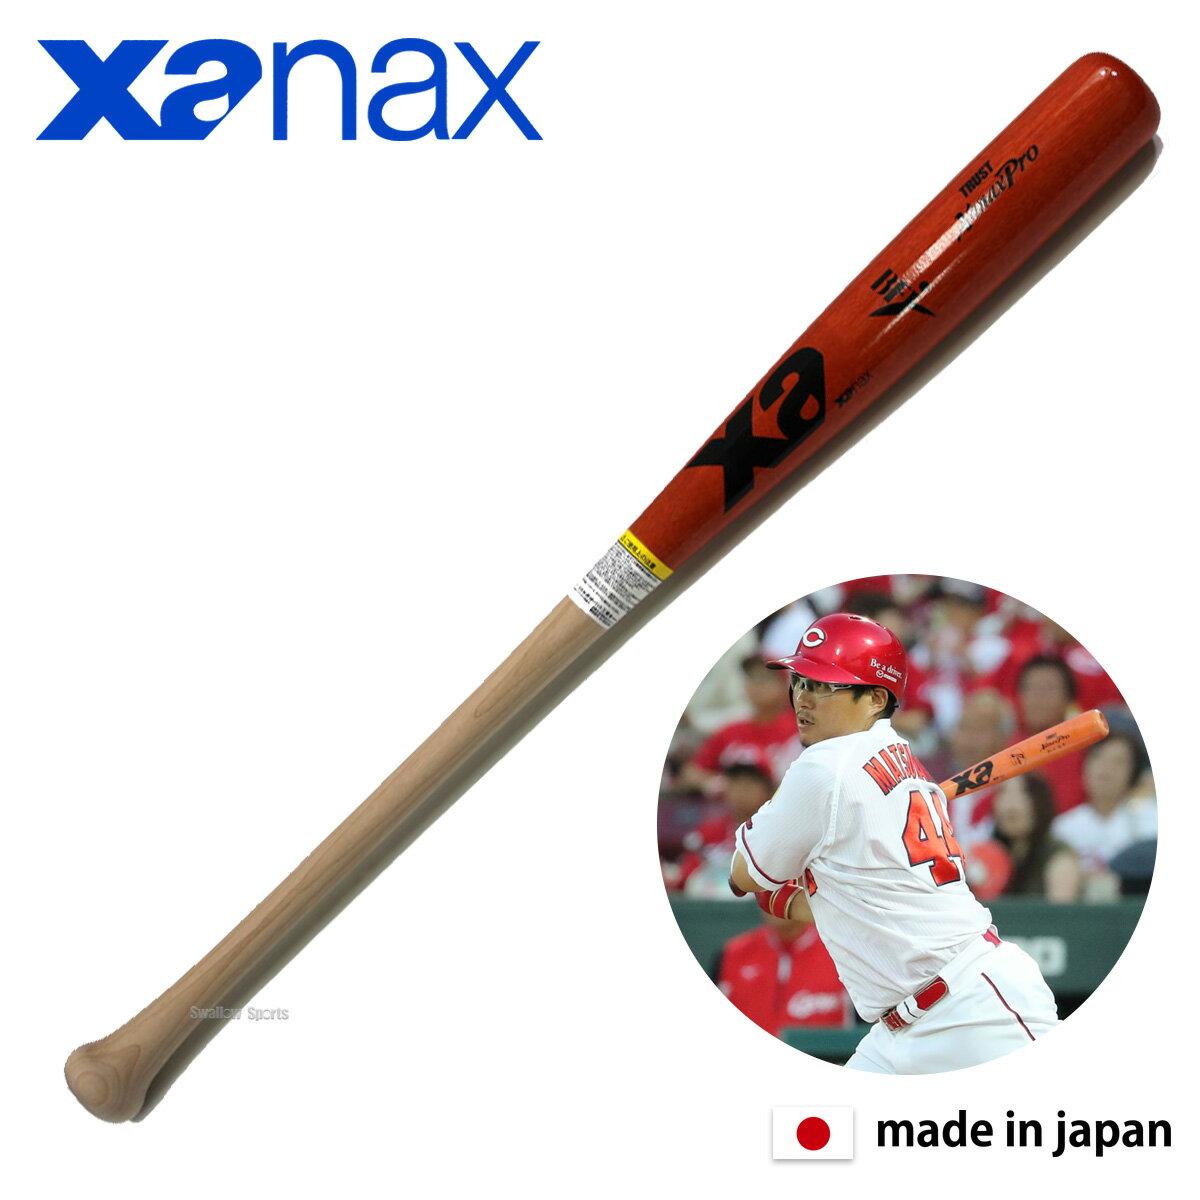 【あす楽対応】 ザナックス 硬式木製バット 北米産バーチ BHB-1623 BFJ 硬式木製バット 夏季大会 合宿 野球部 野球用品 スワロースポーツ 入学祝い